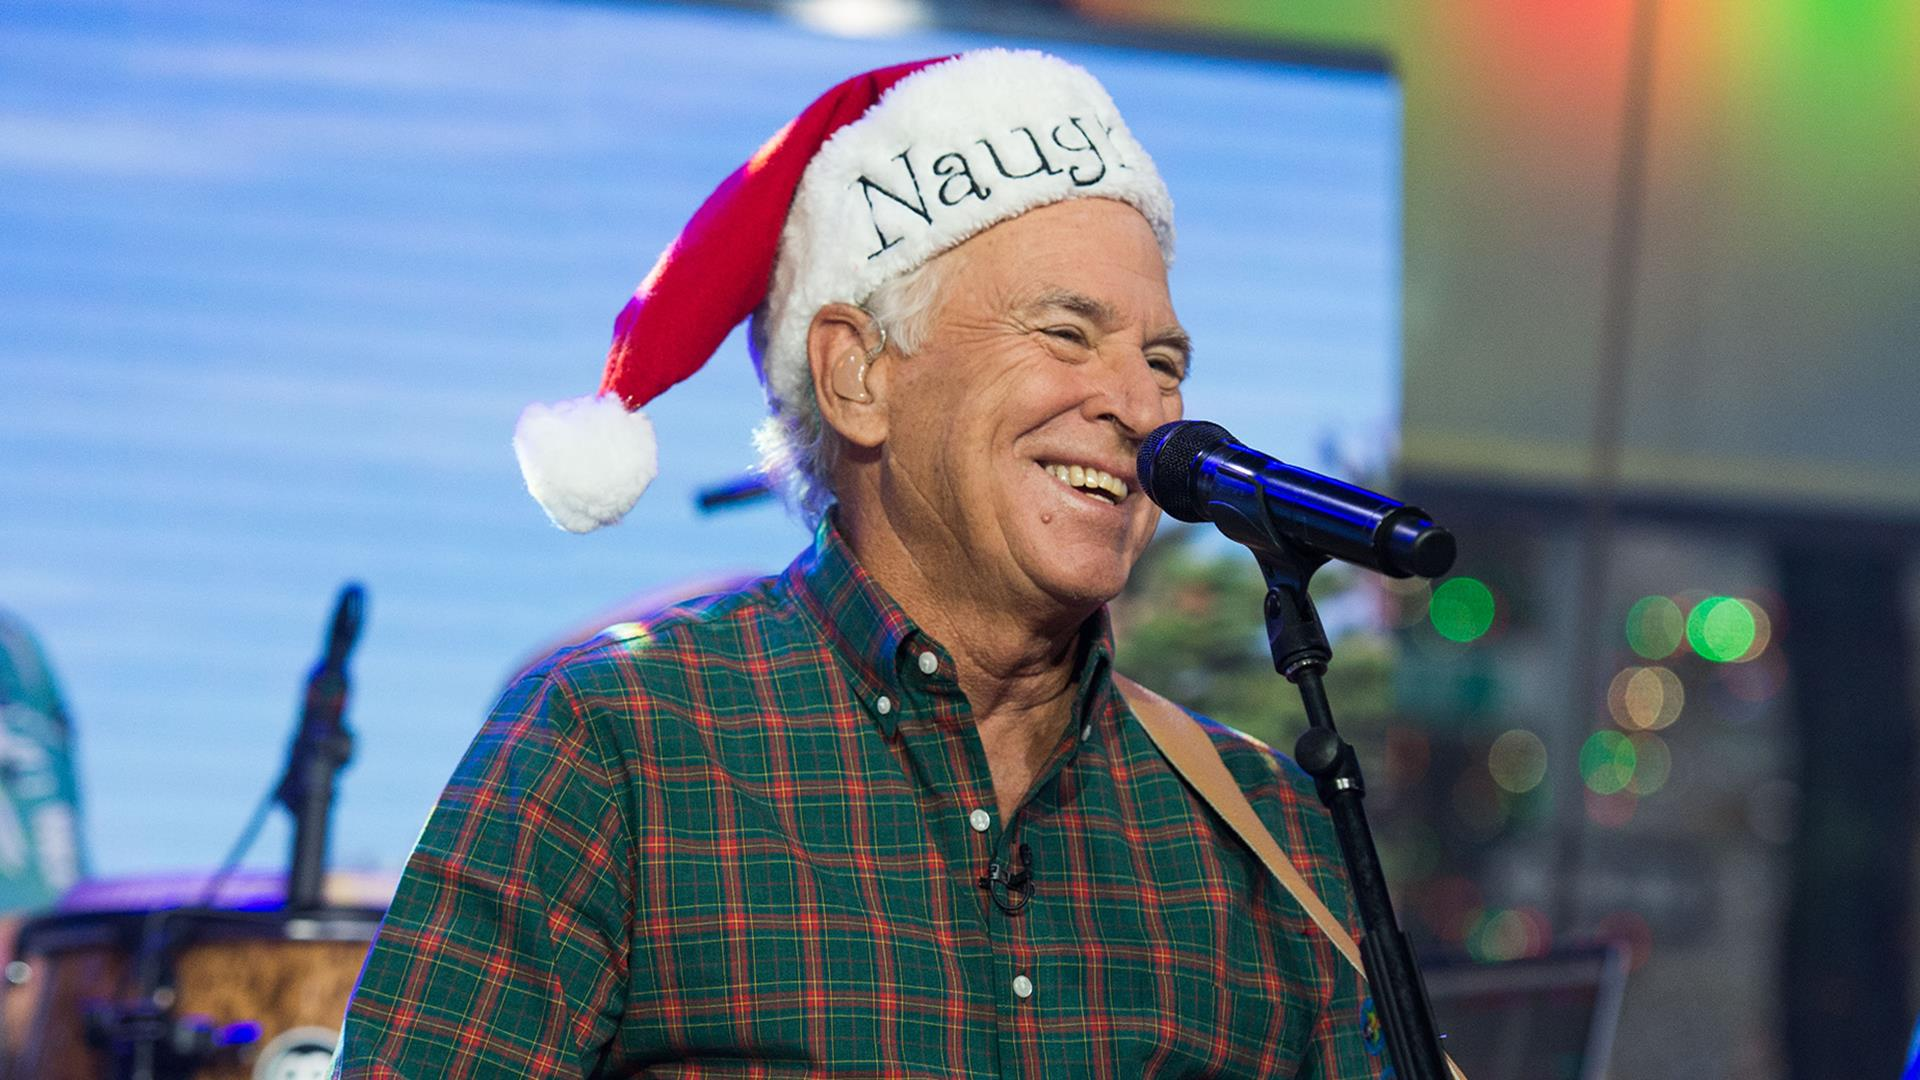 Watch Jimmy Buffett perform \'Jingle Bell Rock\' live on TODAY